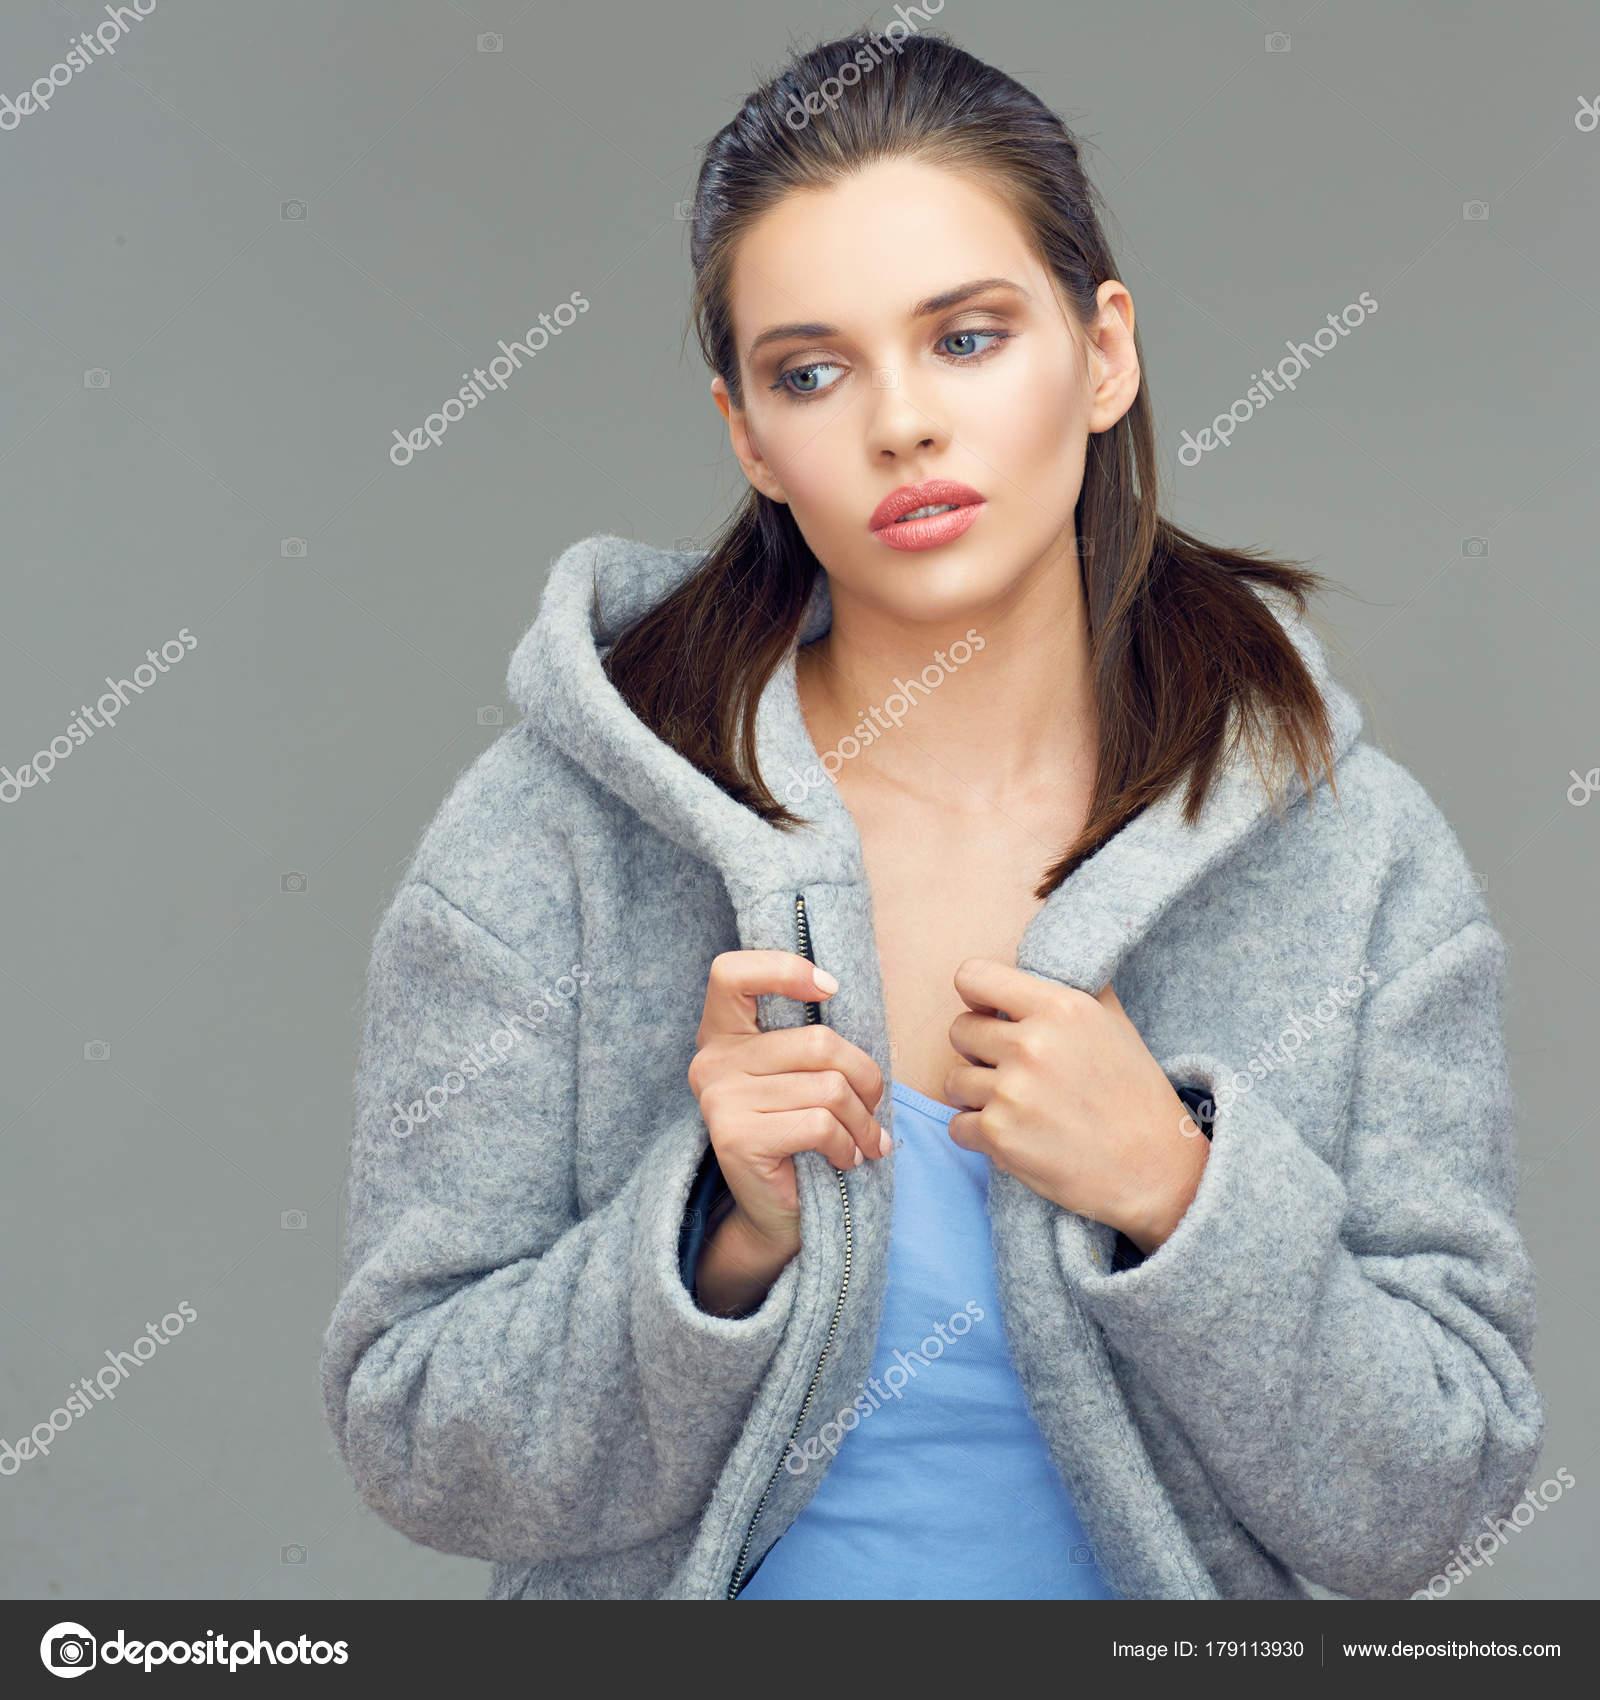 Gyönyörű Női Divat Modell Szürke Kabátot Visel Mély Hood Pózol ... 4e5b03c4f2